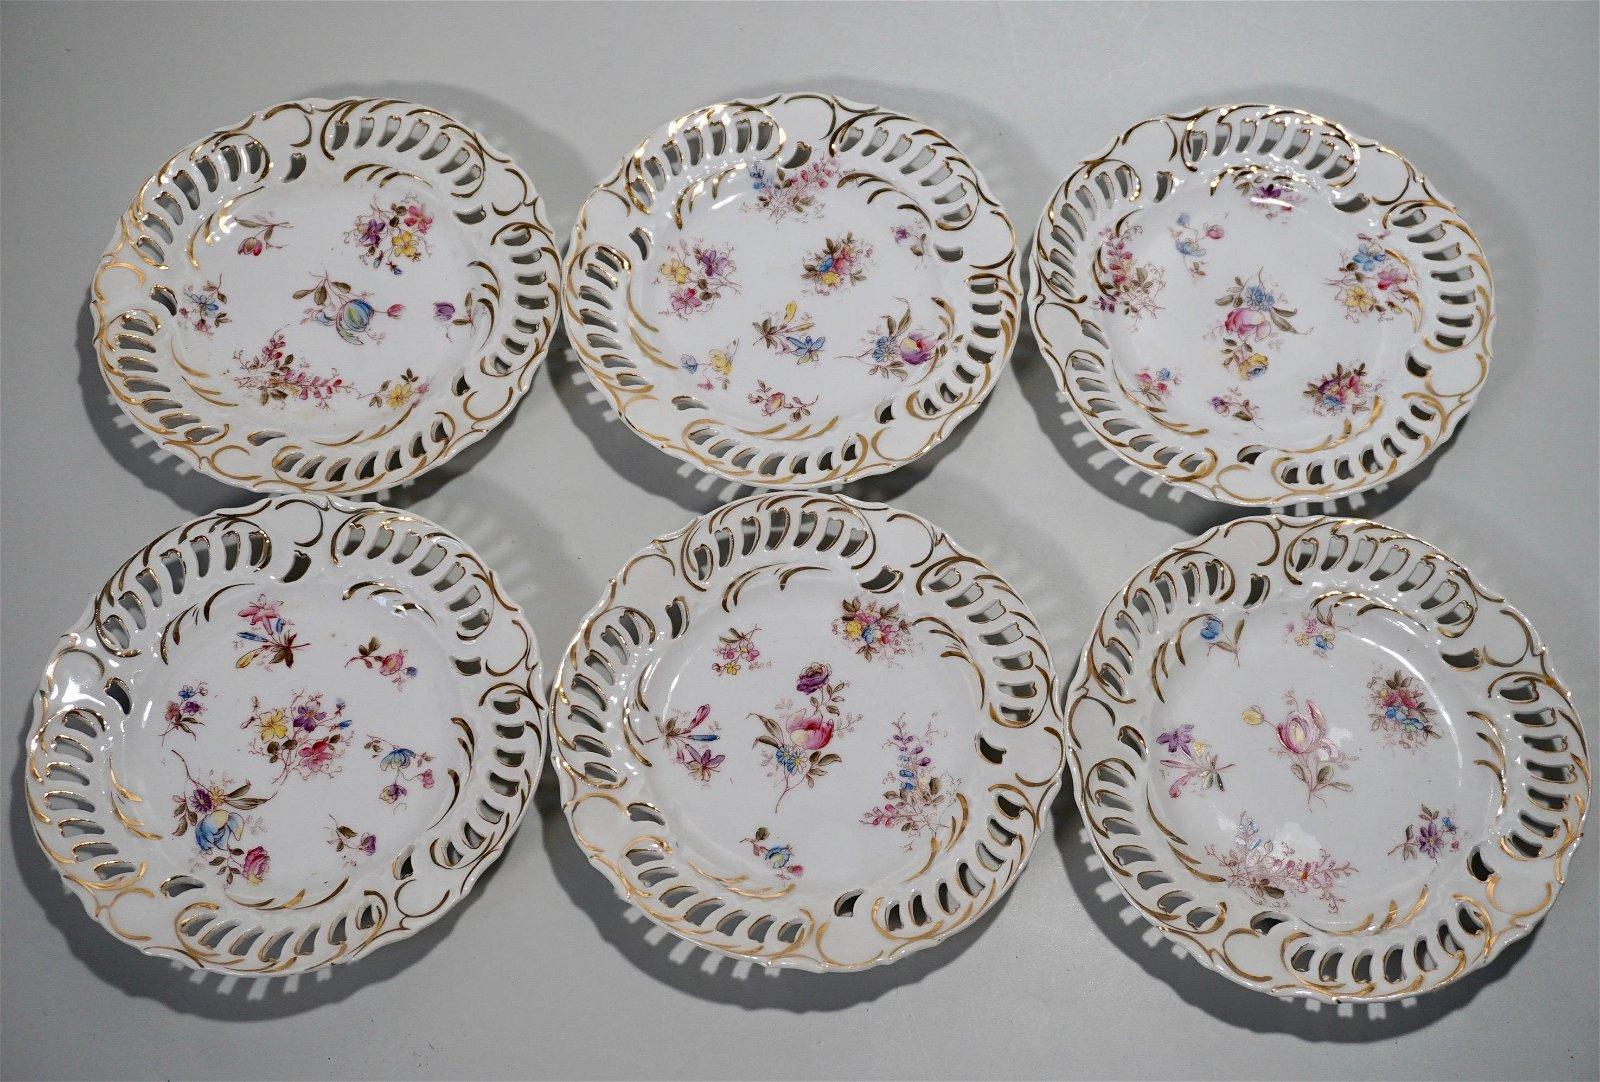 Antique Pierced Porcelain Plate Lot of 6 Plates Circa